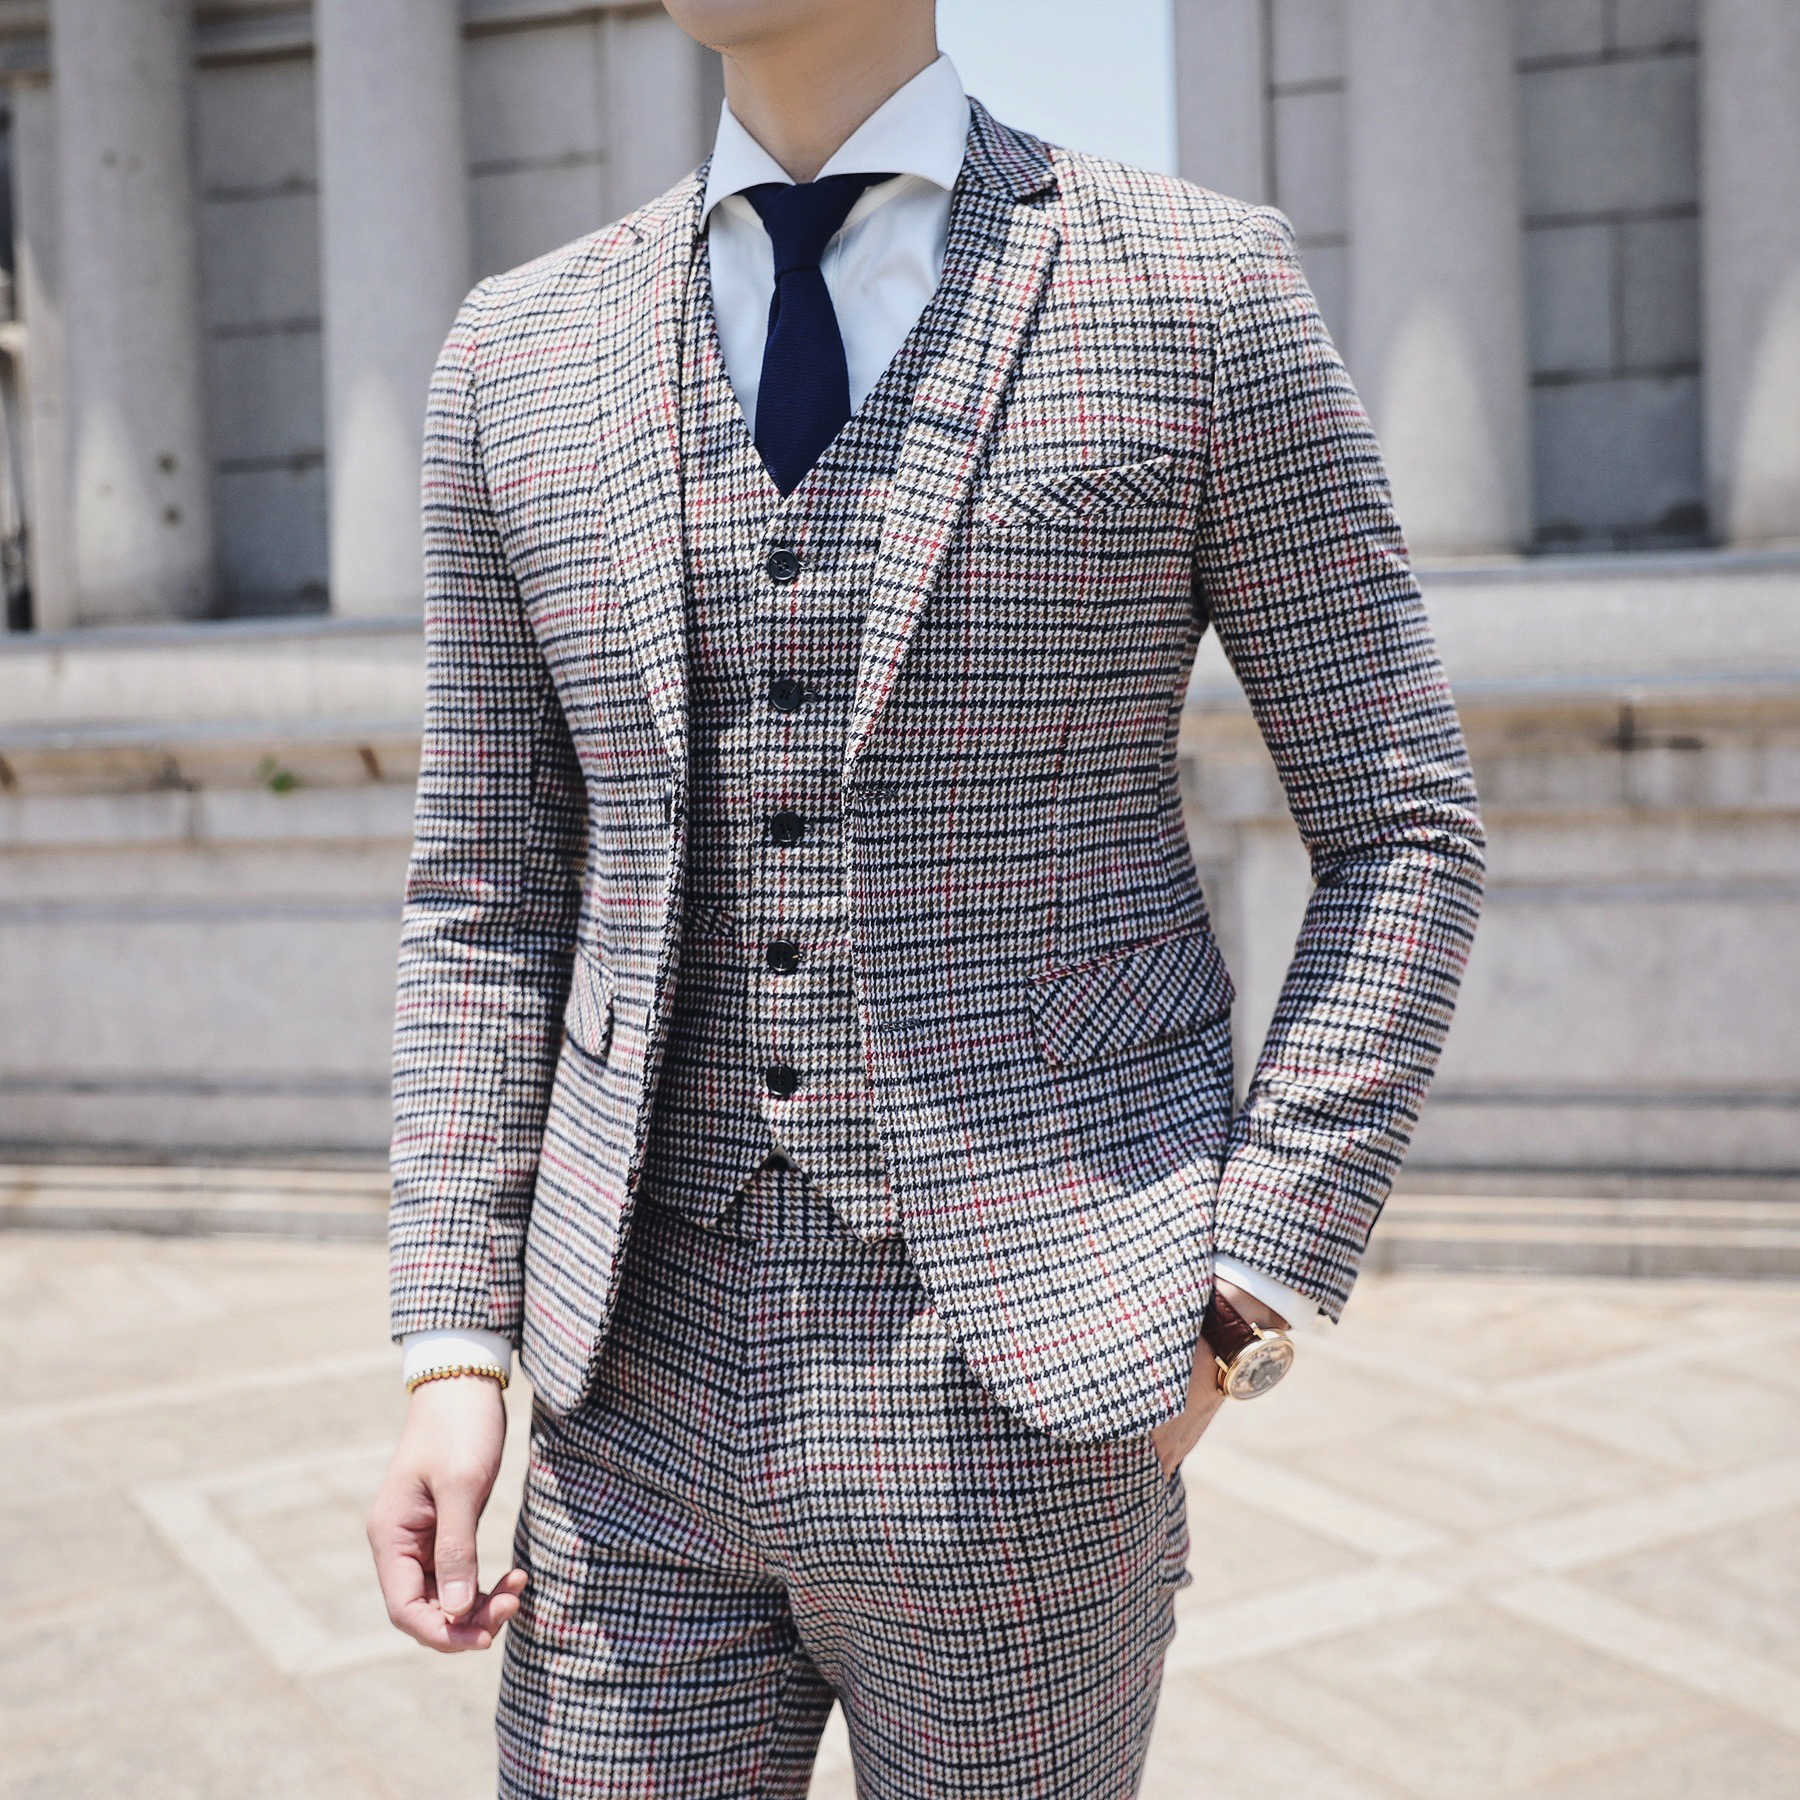 Men Suit Business Retro Vintage Check Kostuums Plaid Smoking-Uomo 3pieces Traje Novio